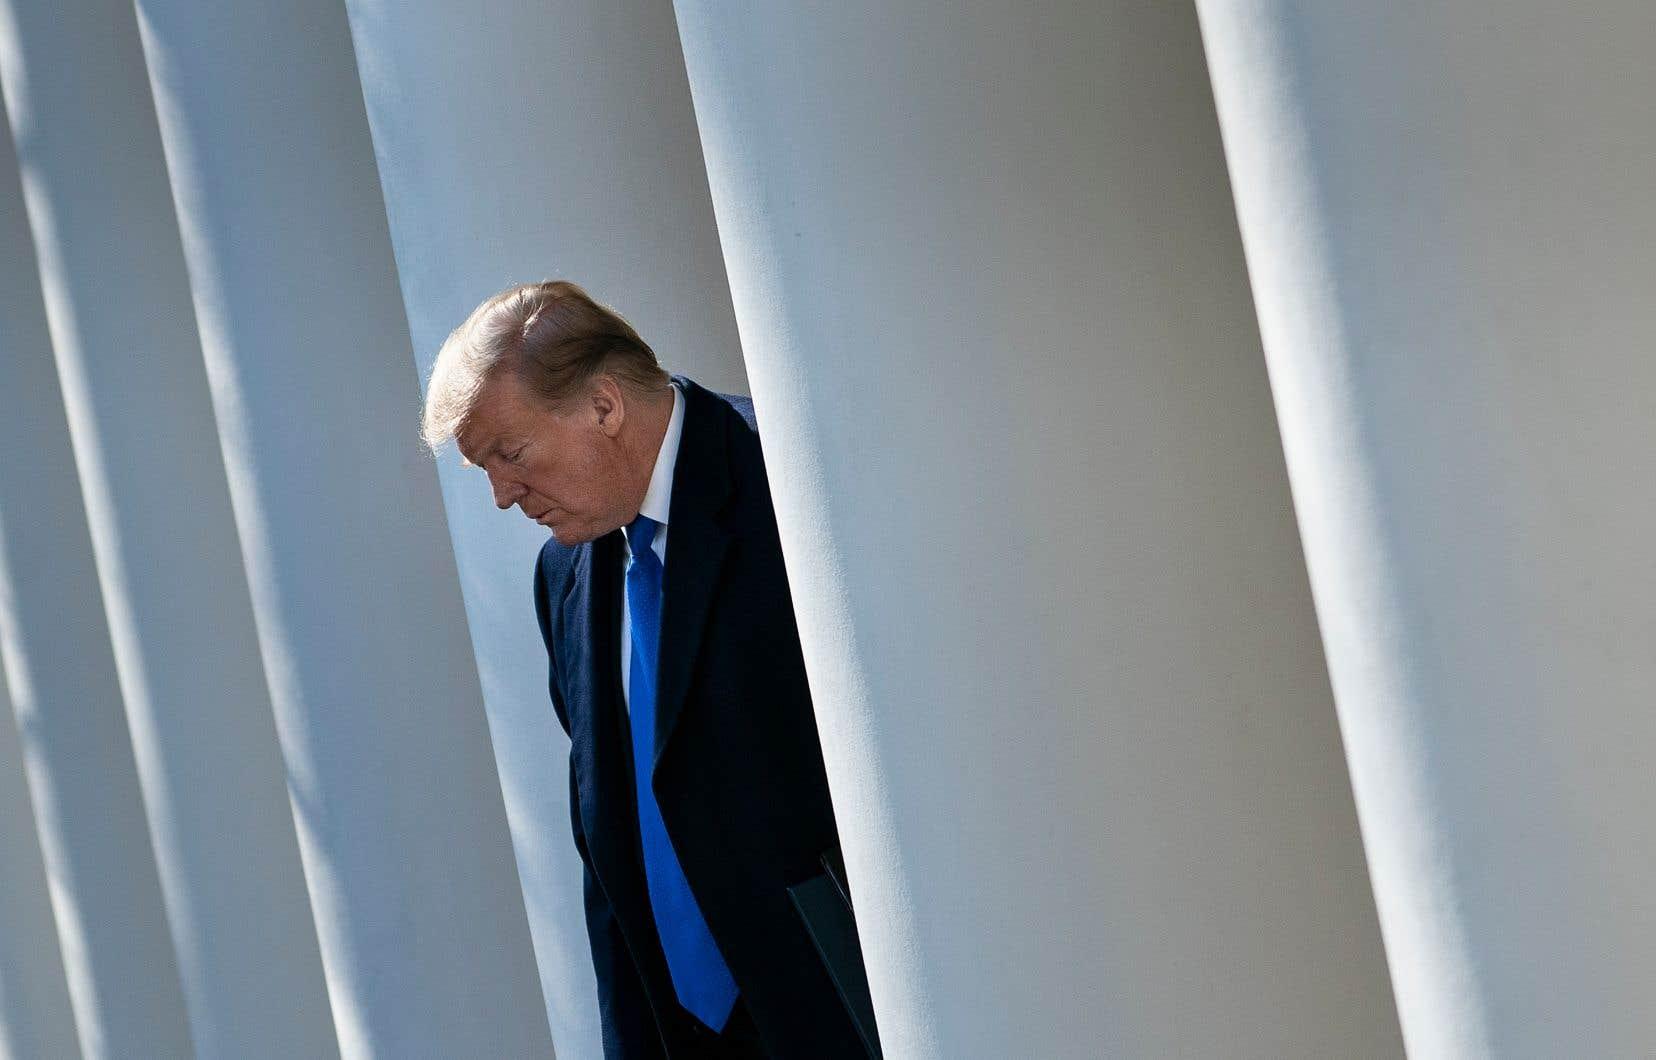 Une puissante commission parlementaire américaine, dirigée par les démocrates, a lancé lundi une vaste enquête sur Donald Trump.